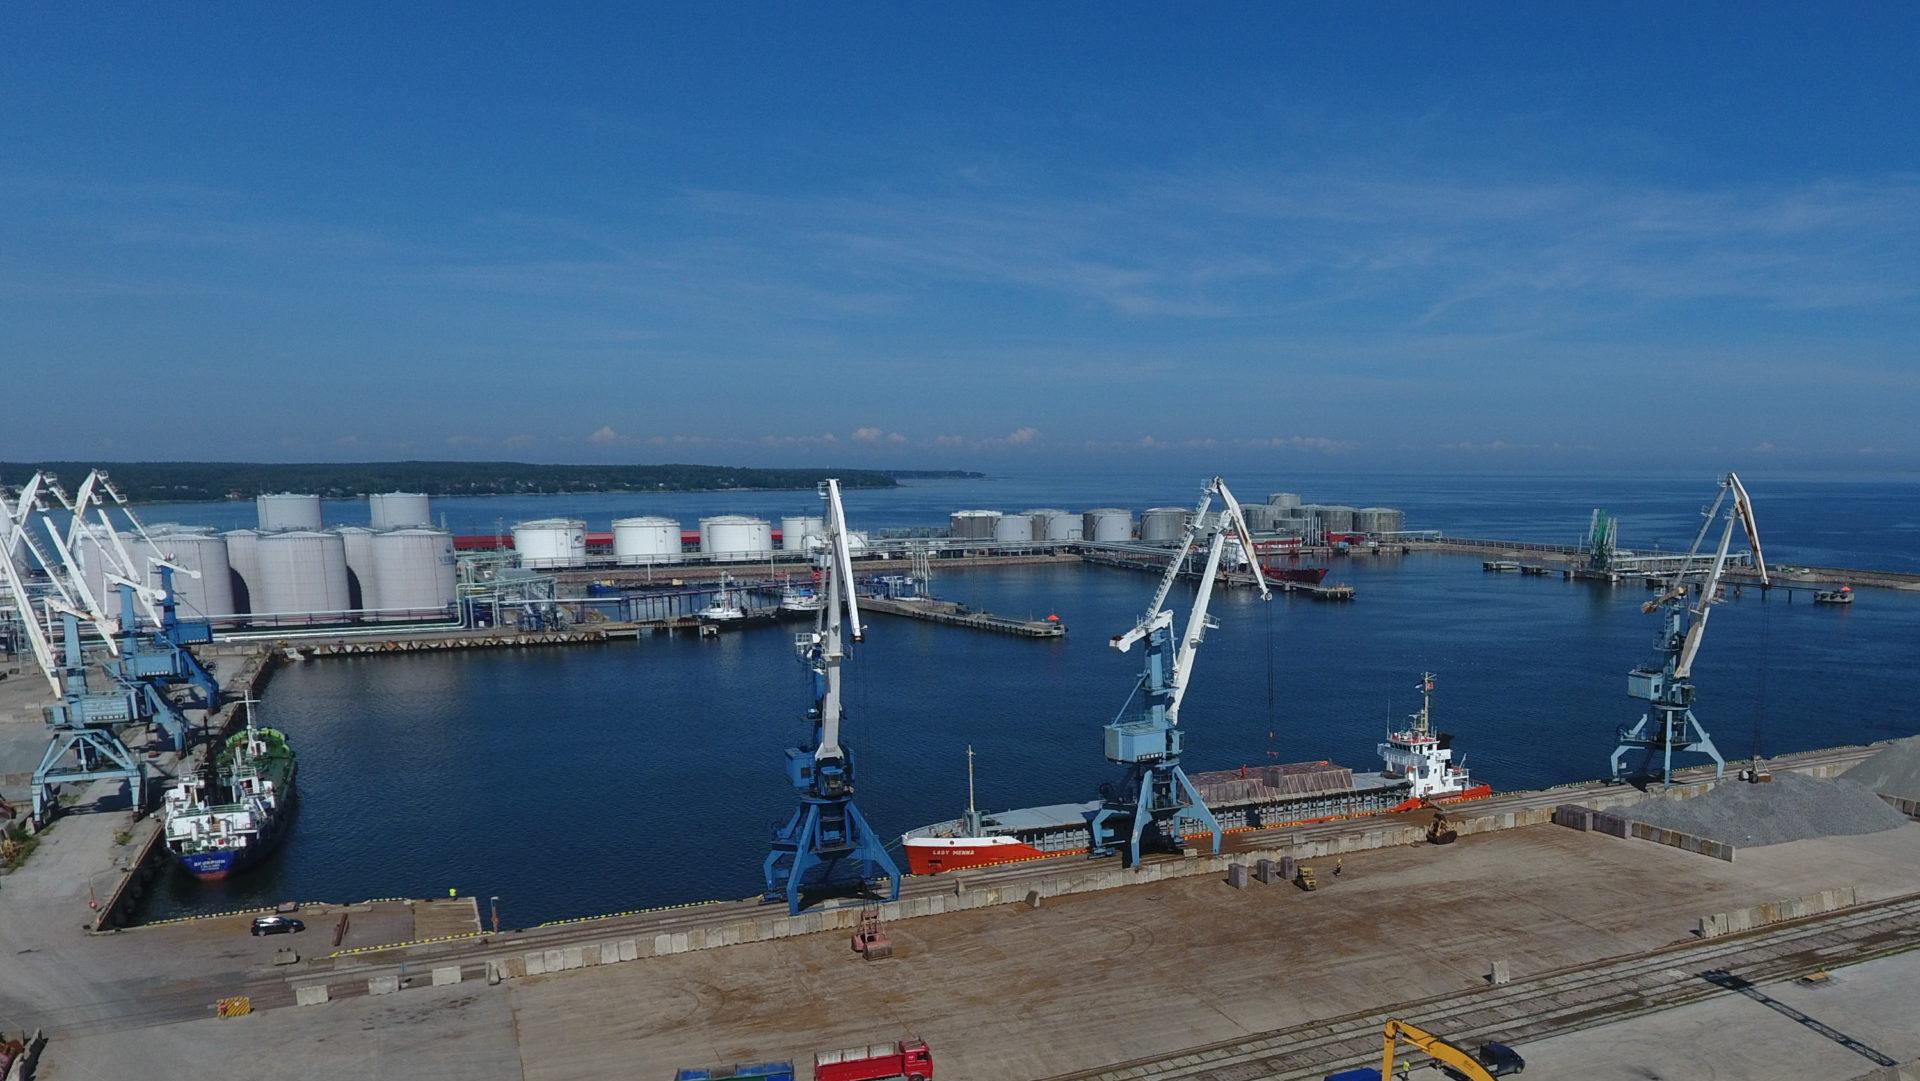 Piers 3-5 of port Muuga, Estonia